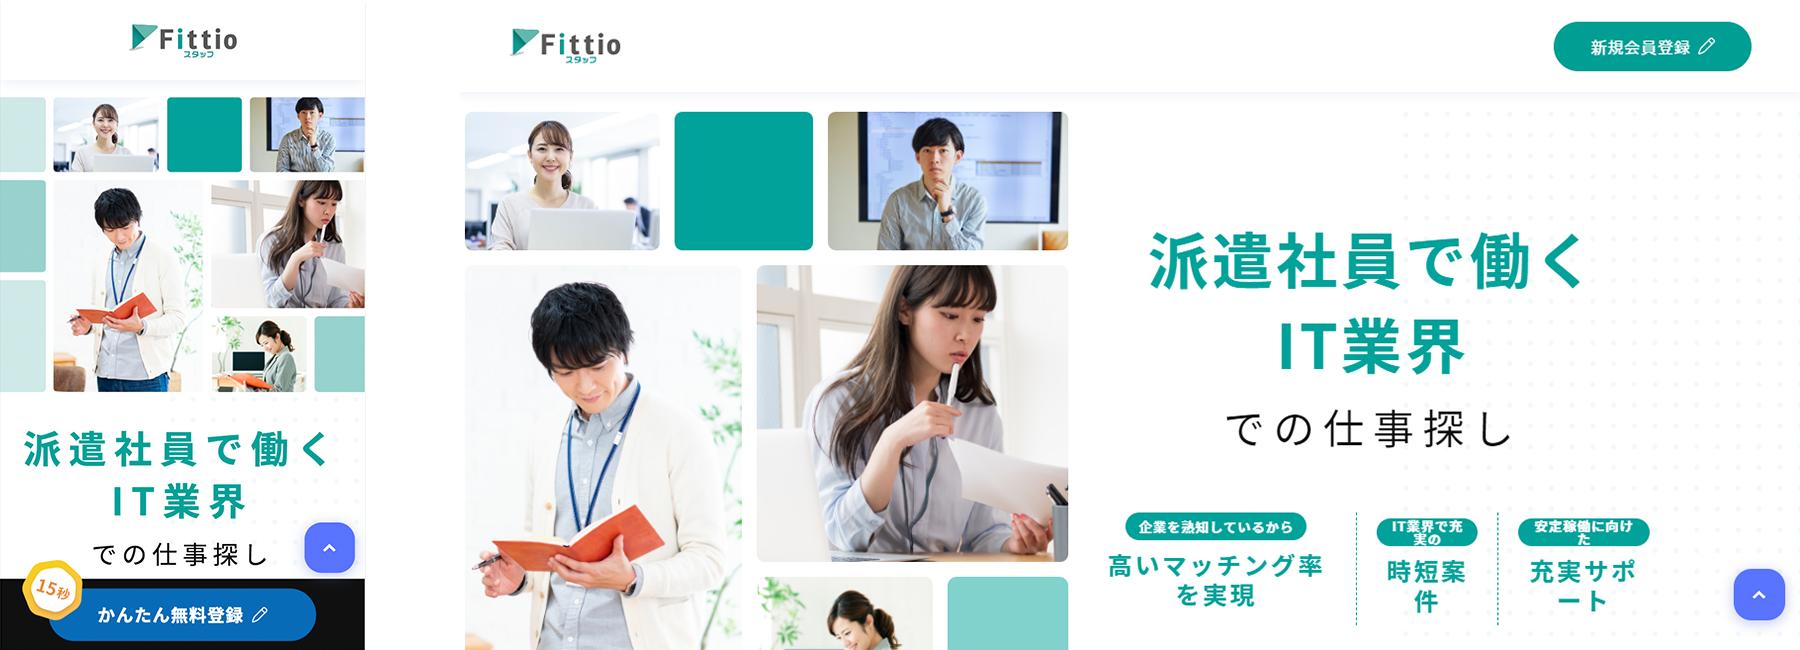 クロス・コミュニケーション、IT・WEB業界特化型求人サイト「Fittio」新規オープン